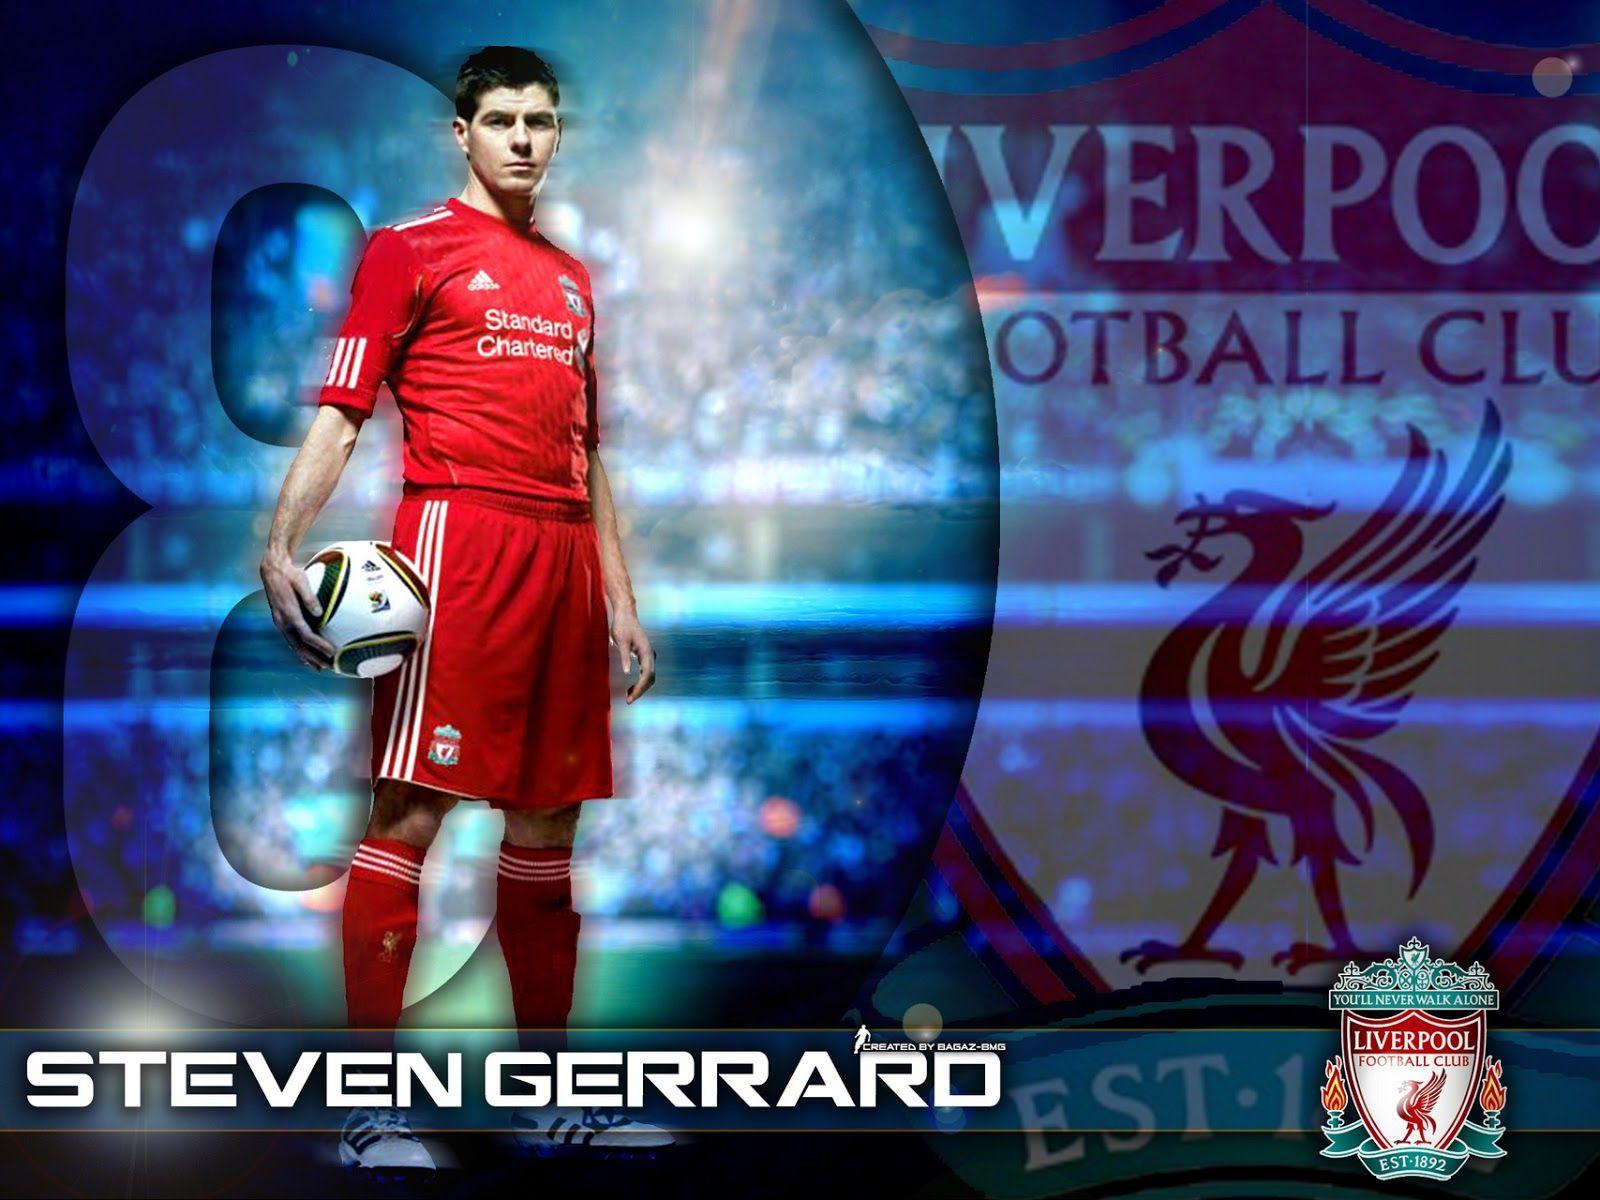 Steven Gerrard - Huyền thoại trong lòng CĐV Liverpool